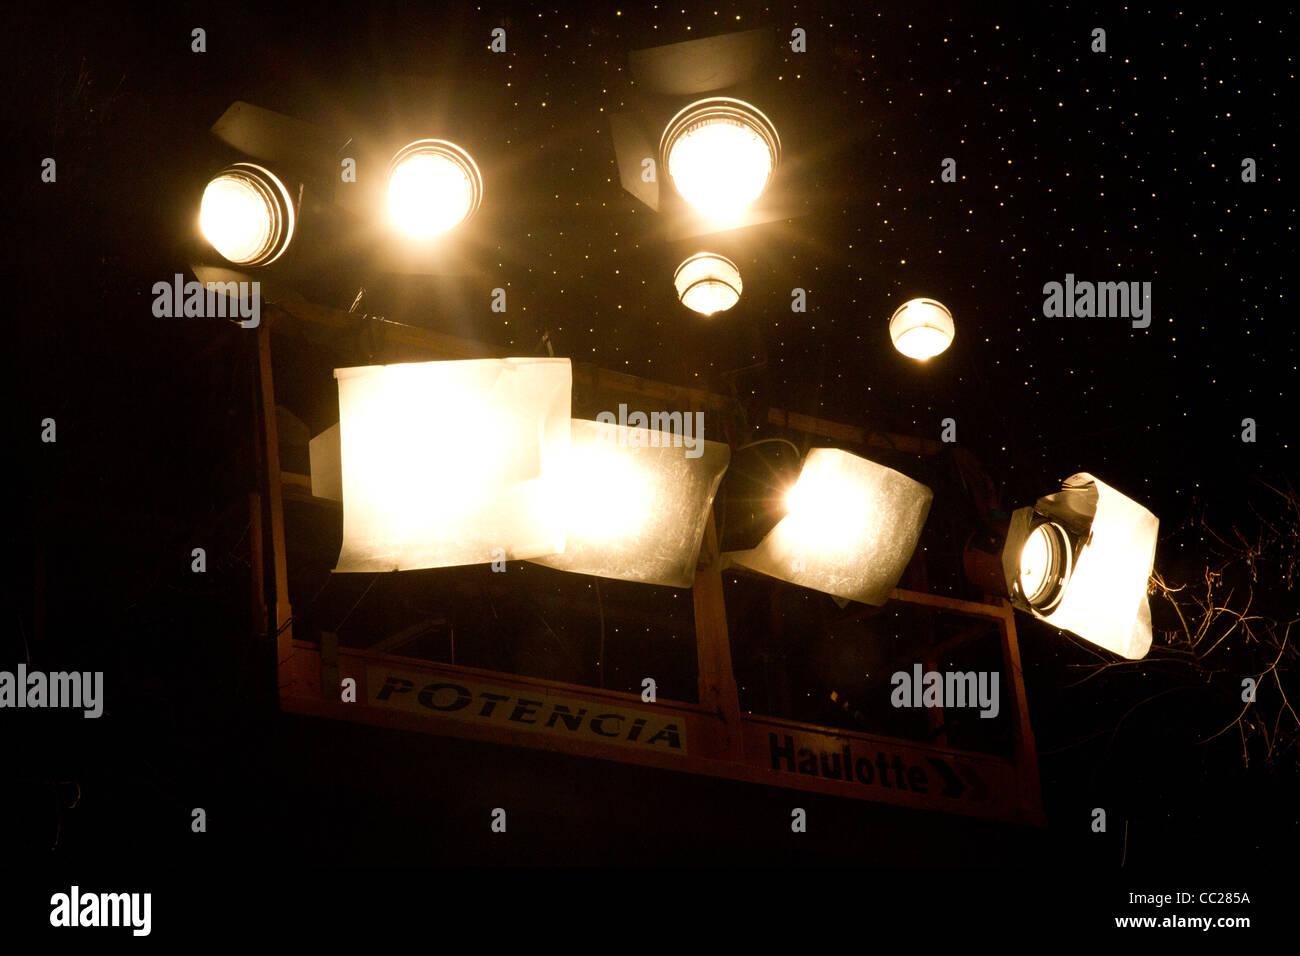 Elektrisches Licht in der Nacht als Beleuchtung für City-Event im freien Stockbild